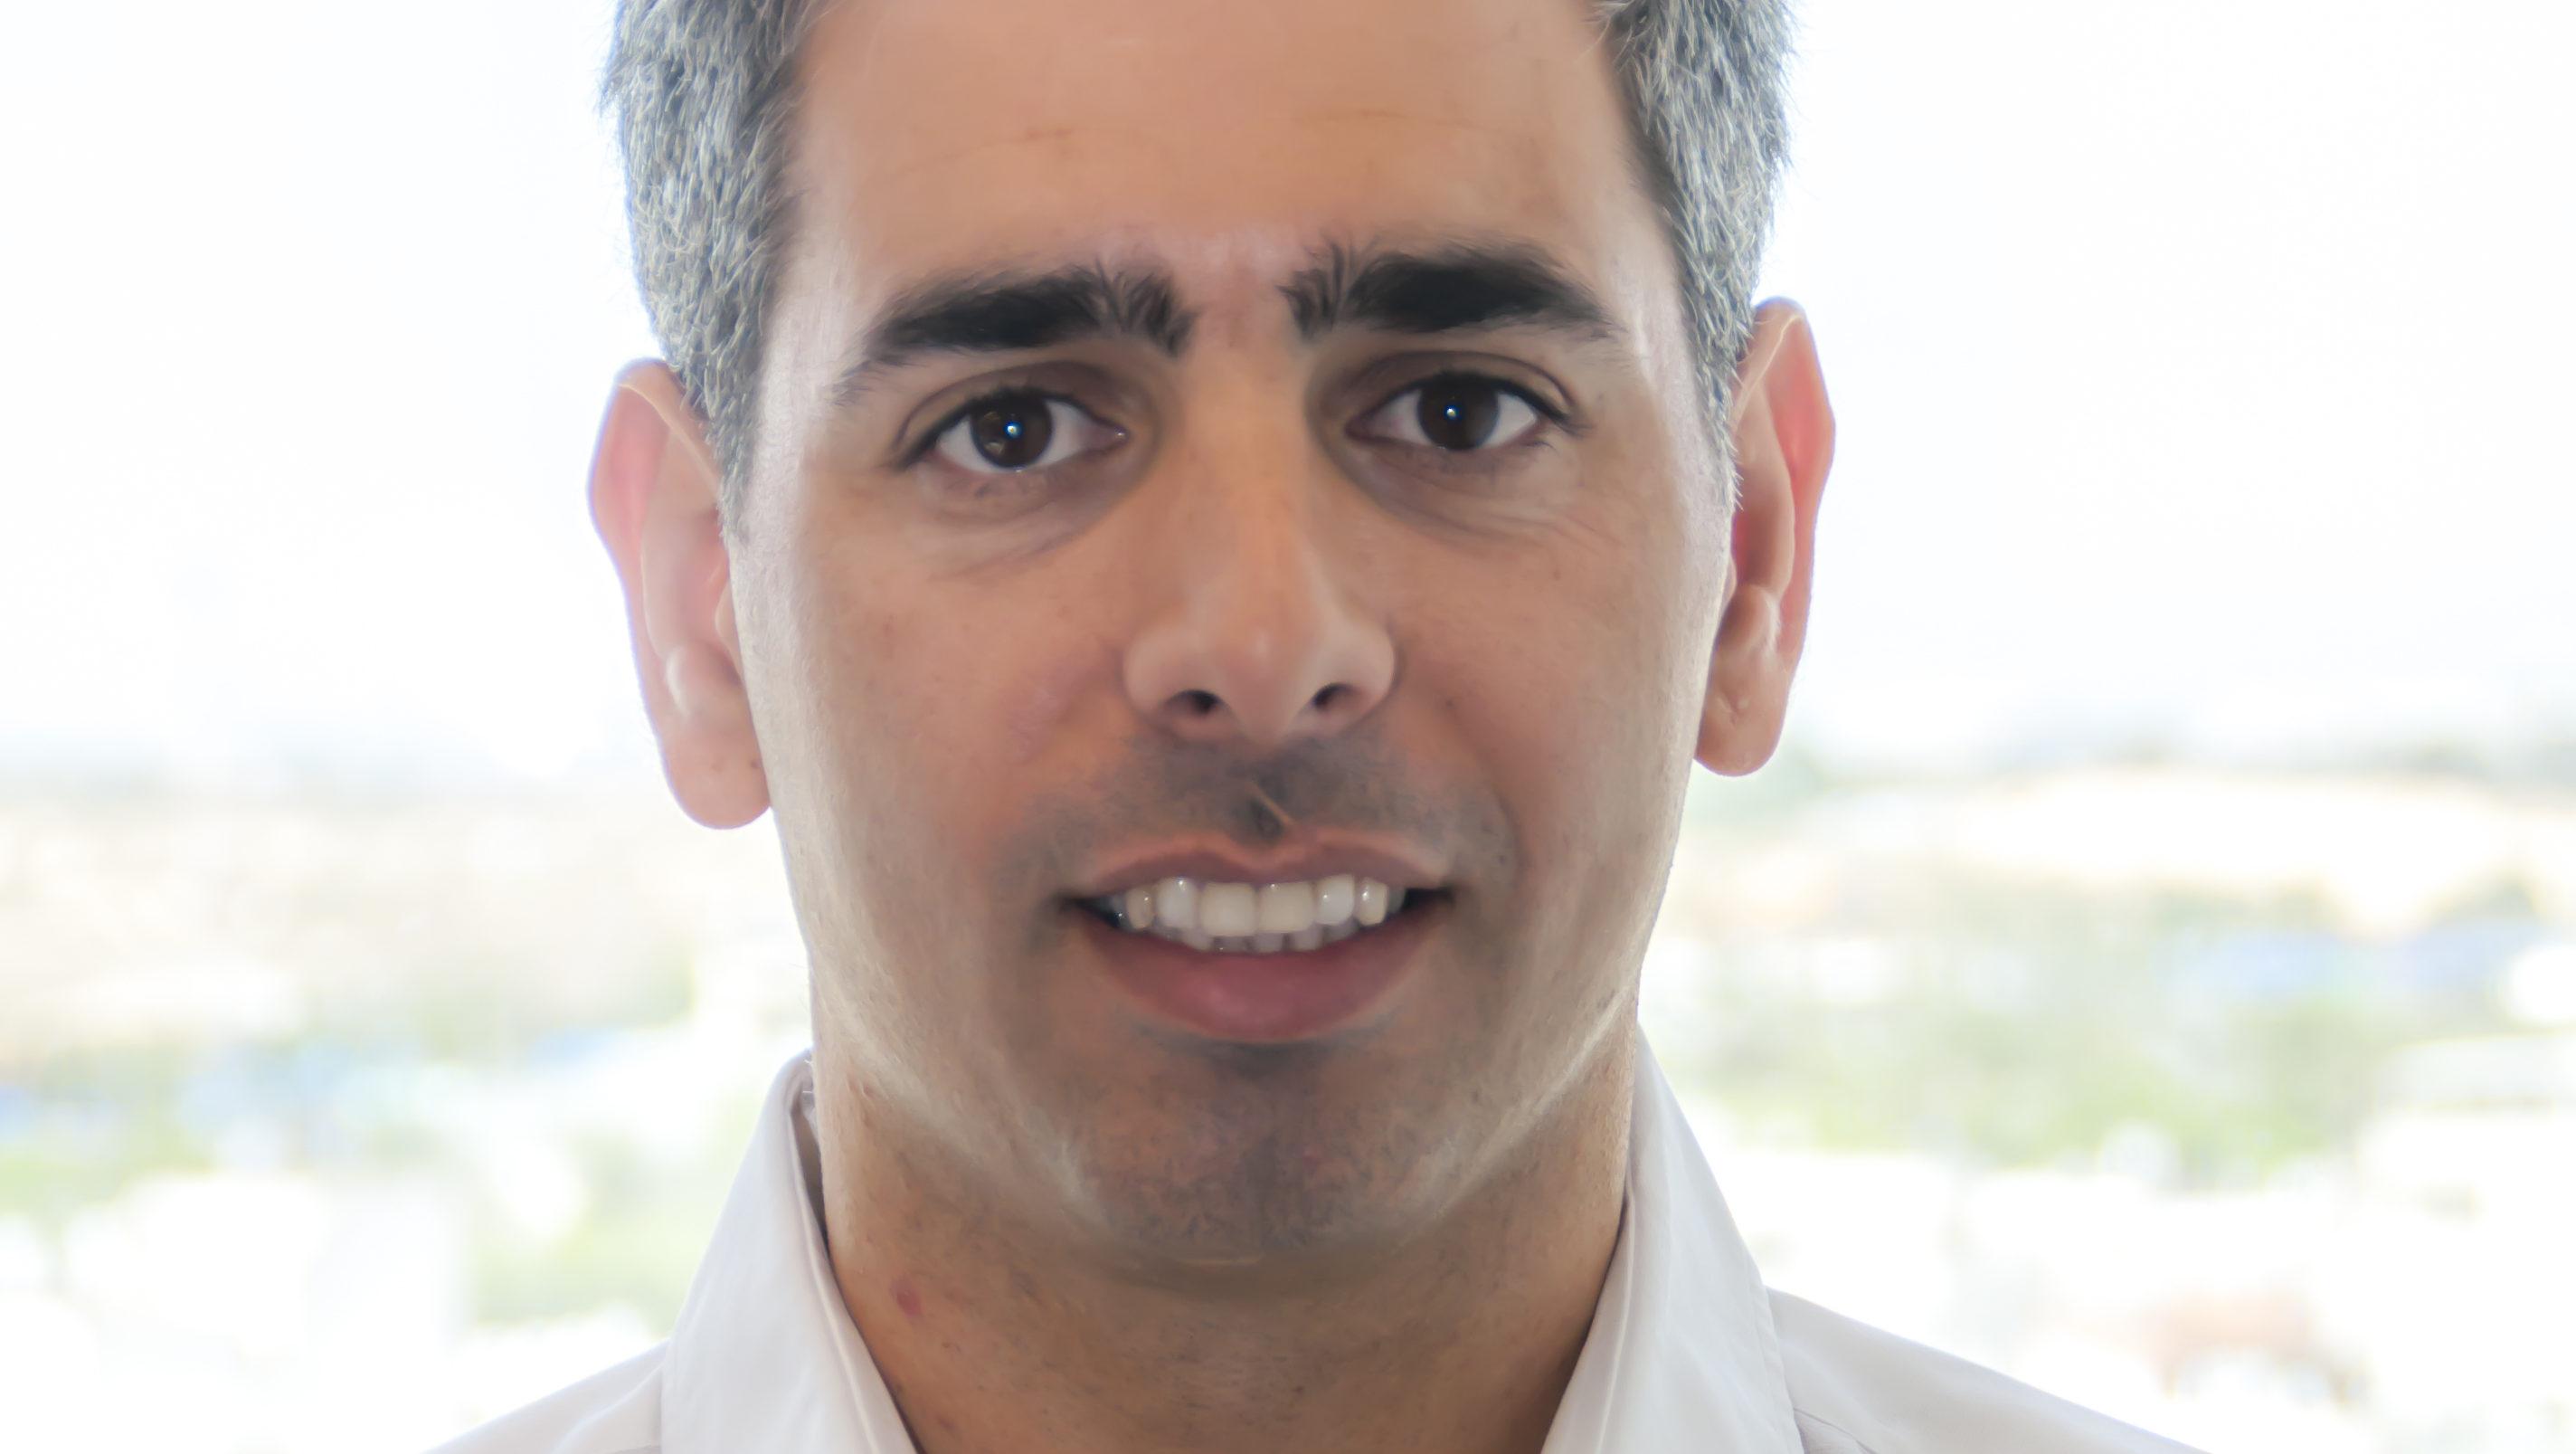 הלמן אלדובי מעריכה: שווי החברה לאחר המיזוג עם IBI גמל הוא כ-203 מיליון שקל